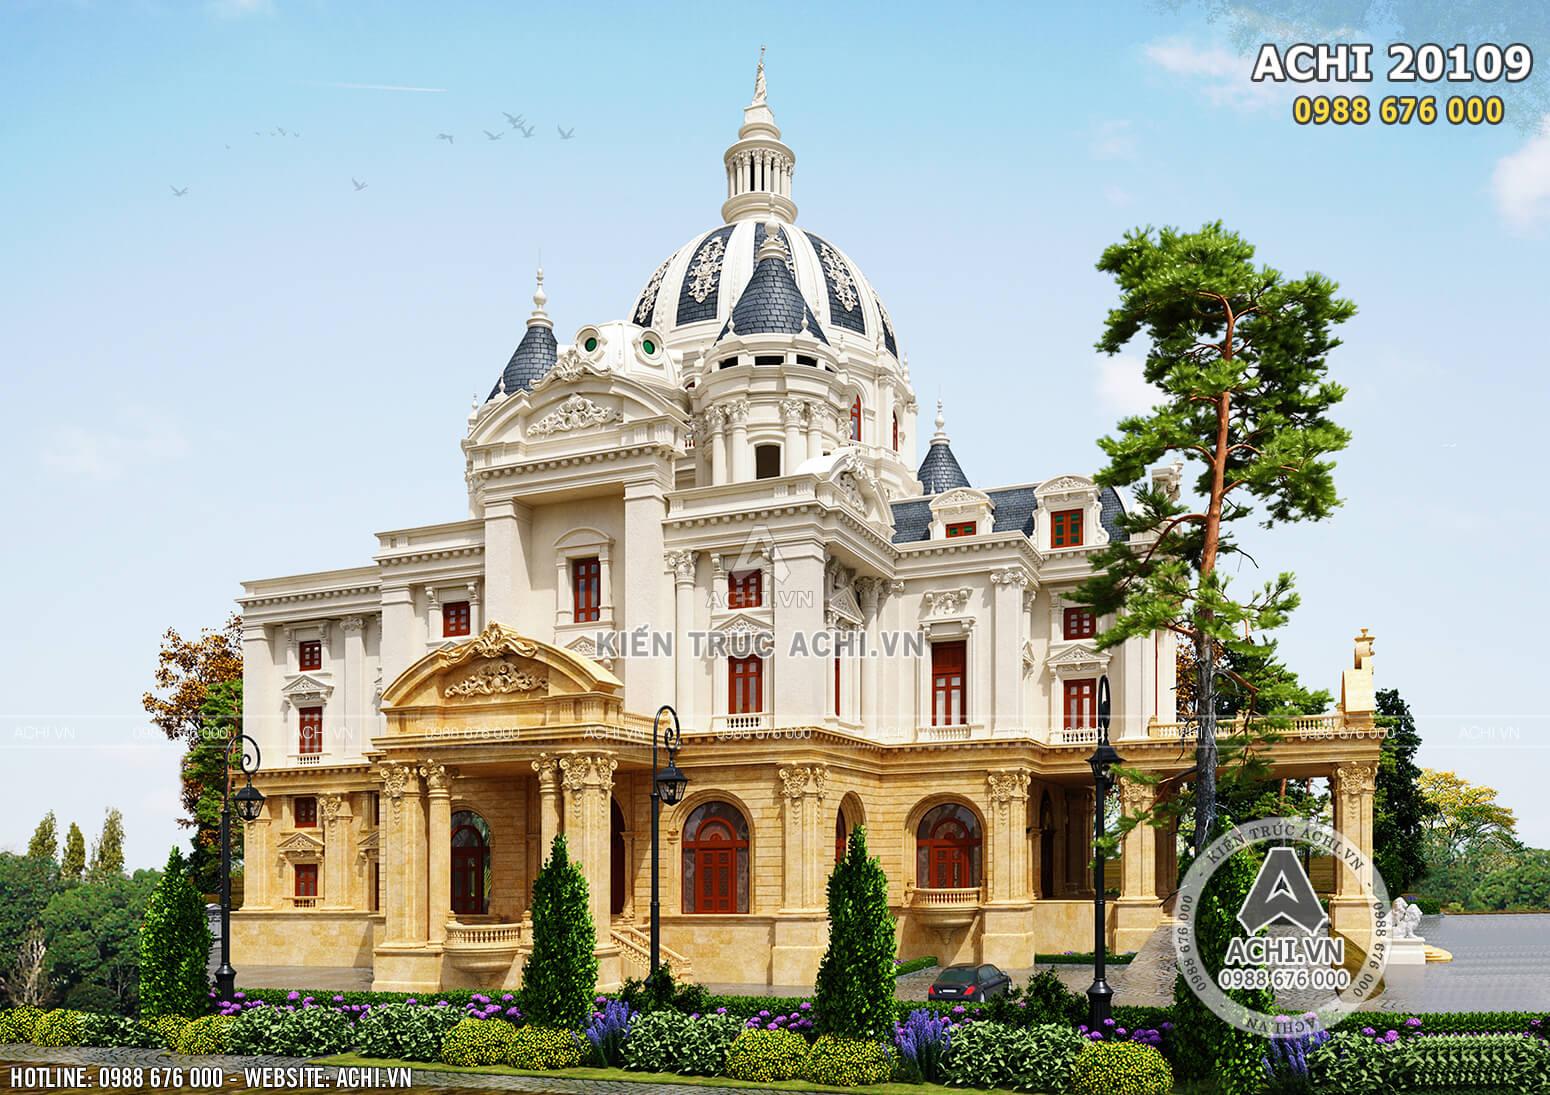 Hệ hoa văn phào chỉ cầu kỳ, tinh xảo mang lại cho không gian ngoại thất mẫu dinh thự lâu đài Pháp vẻ đẹp sang trọng, đẳng cấp